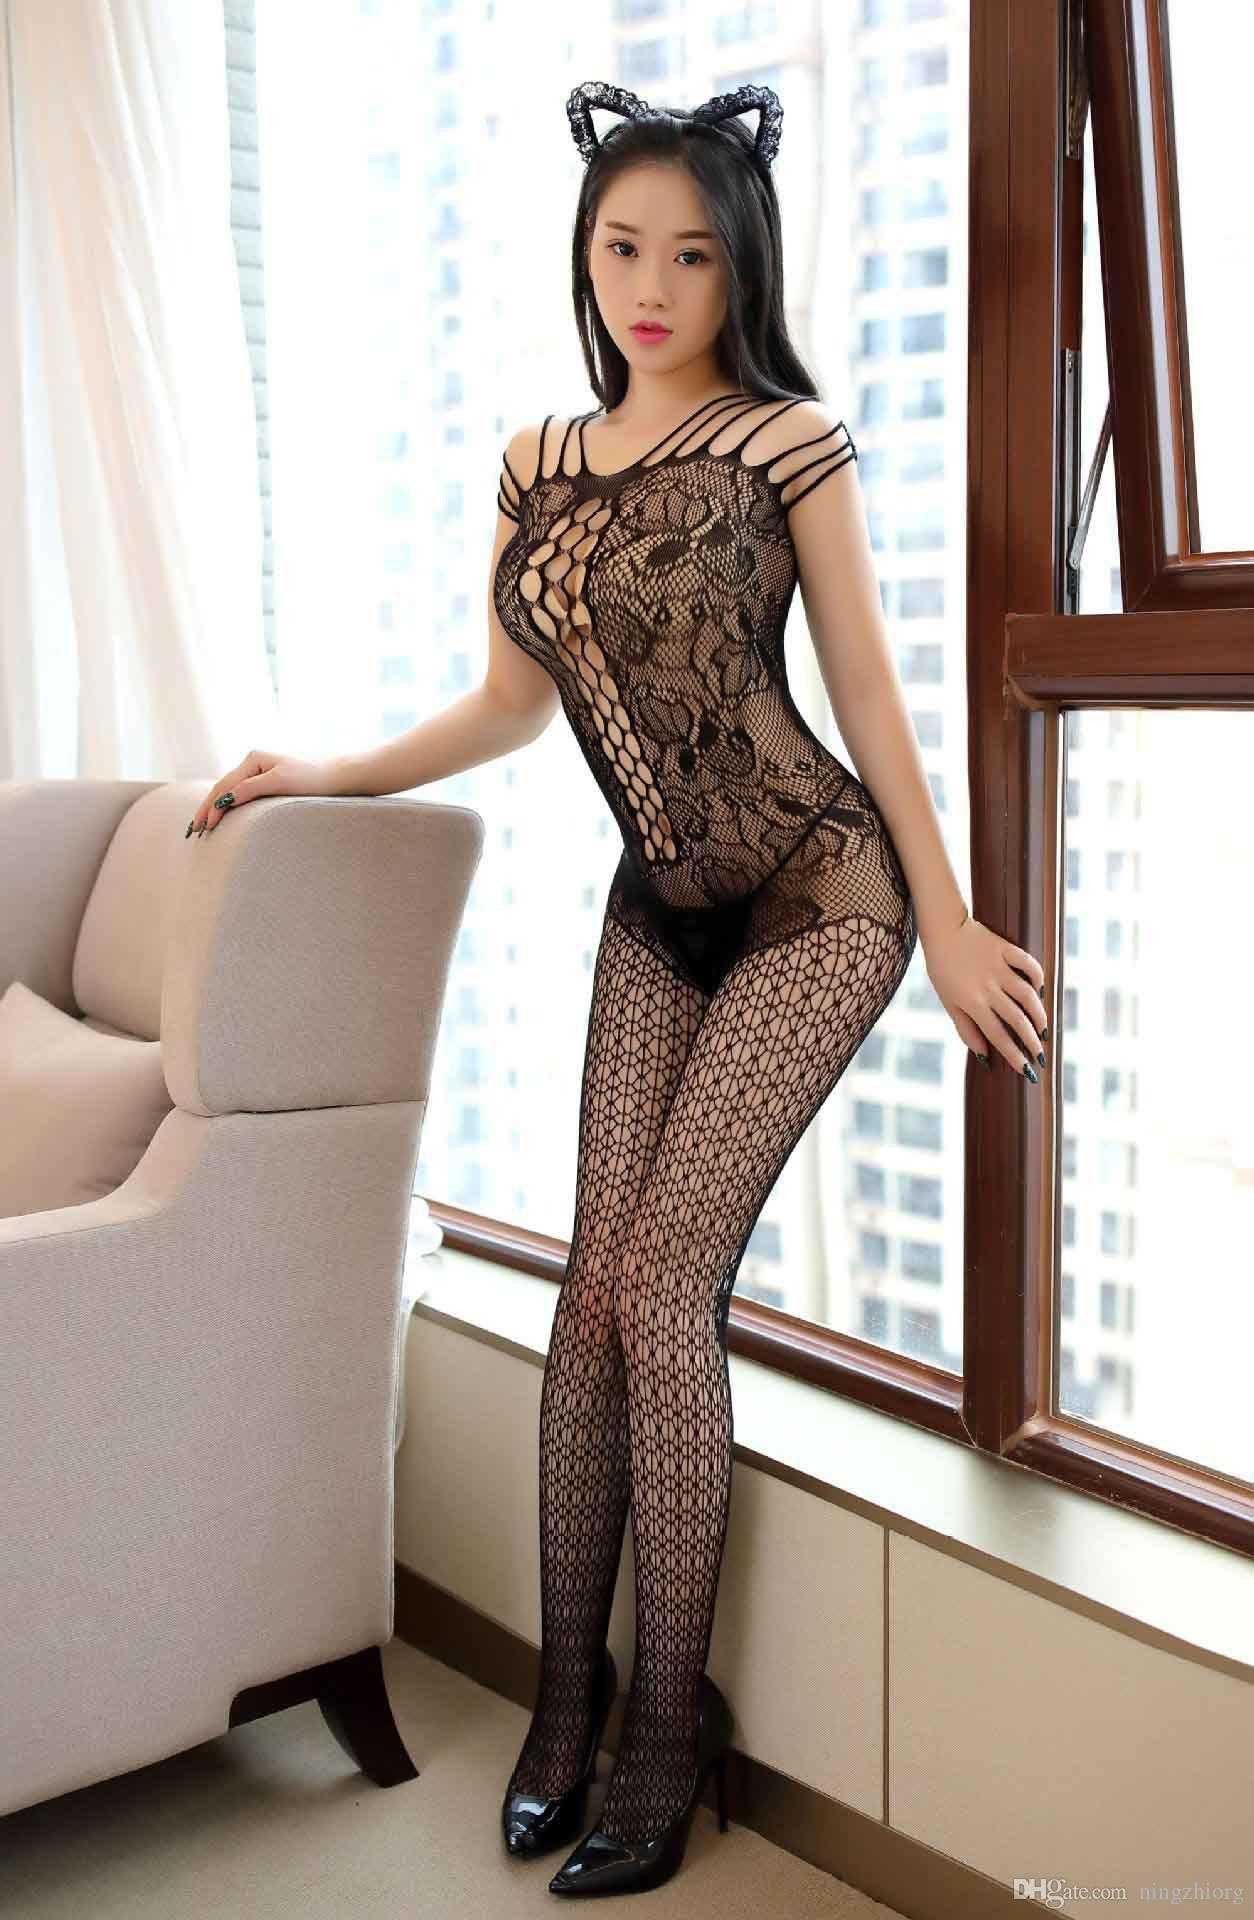 Sous-vêtements érotiques européens et américains sexy chaussettes en filet noir creux rosée poitrine ouverte entrejambe tentation féminine transparente bas siamois se